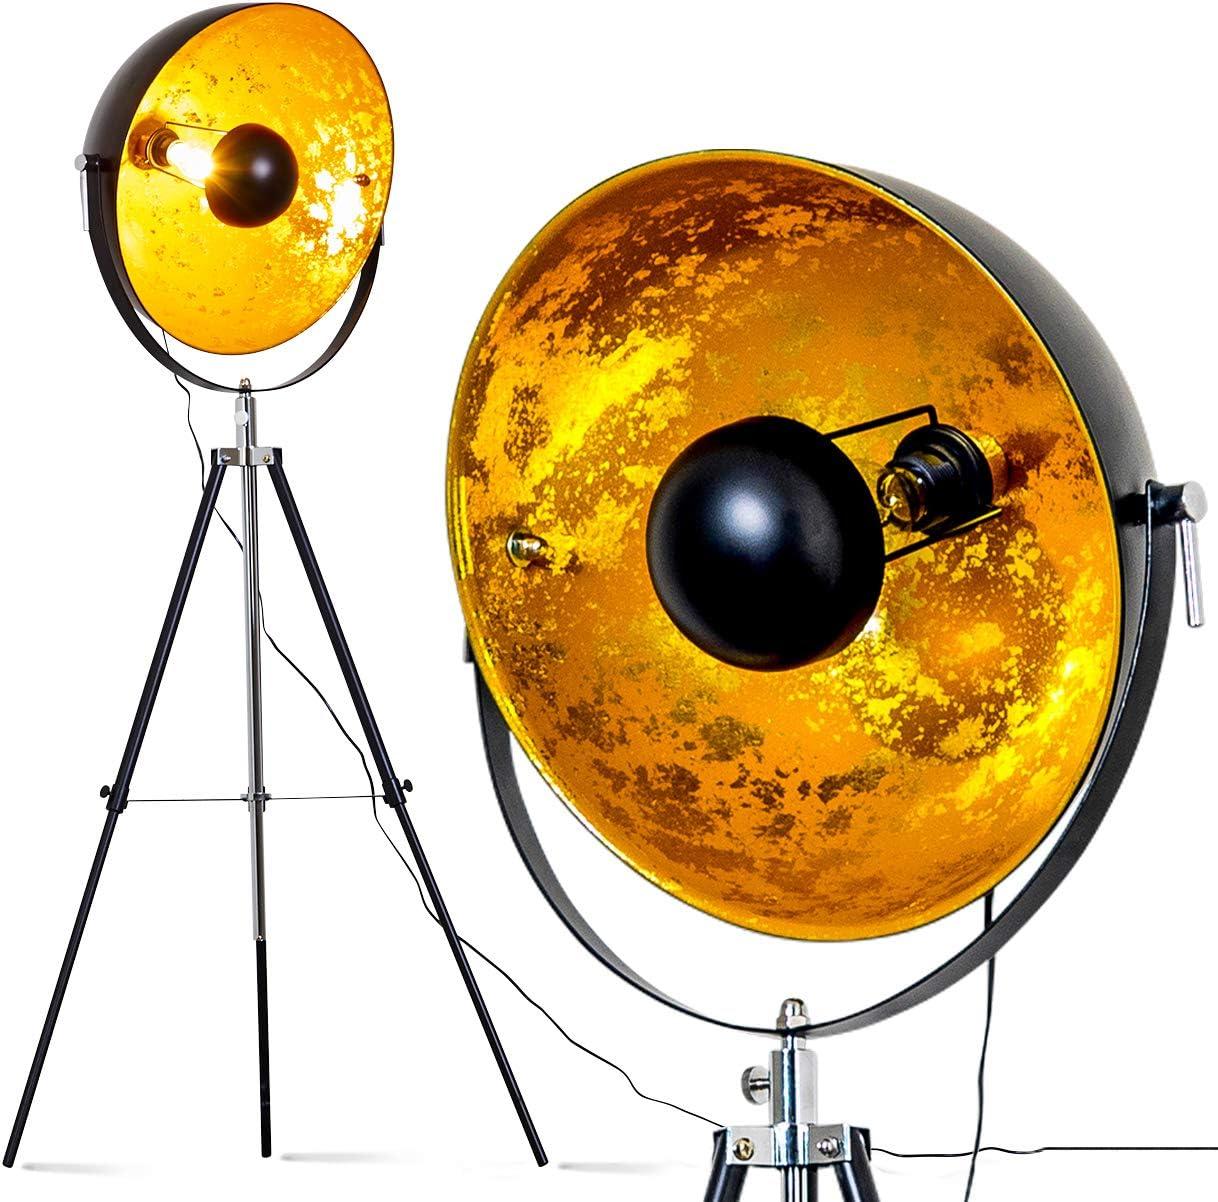 Stehlampe Saturn Vintage Stehleuchte Mit Lampenschirm In Gold